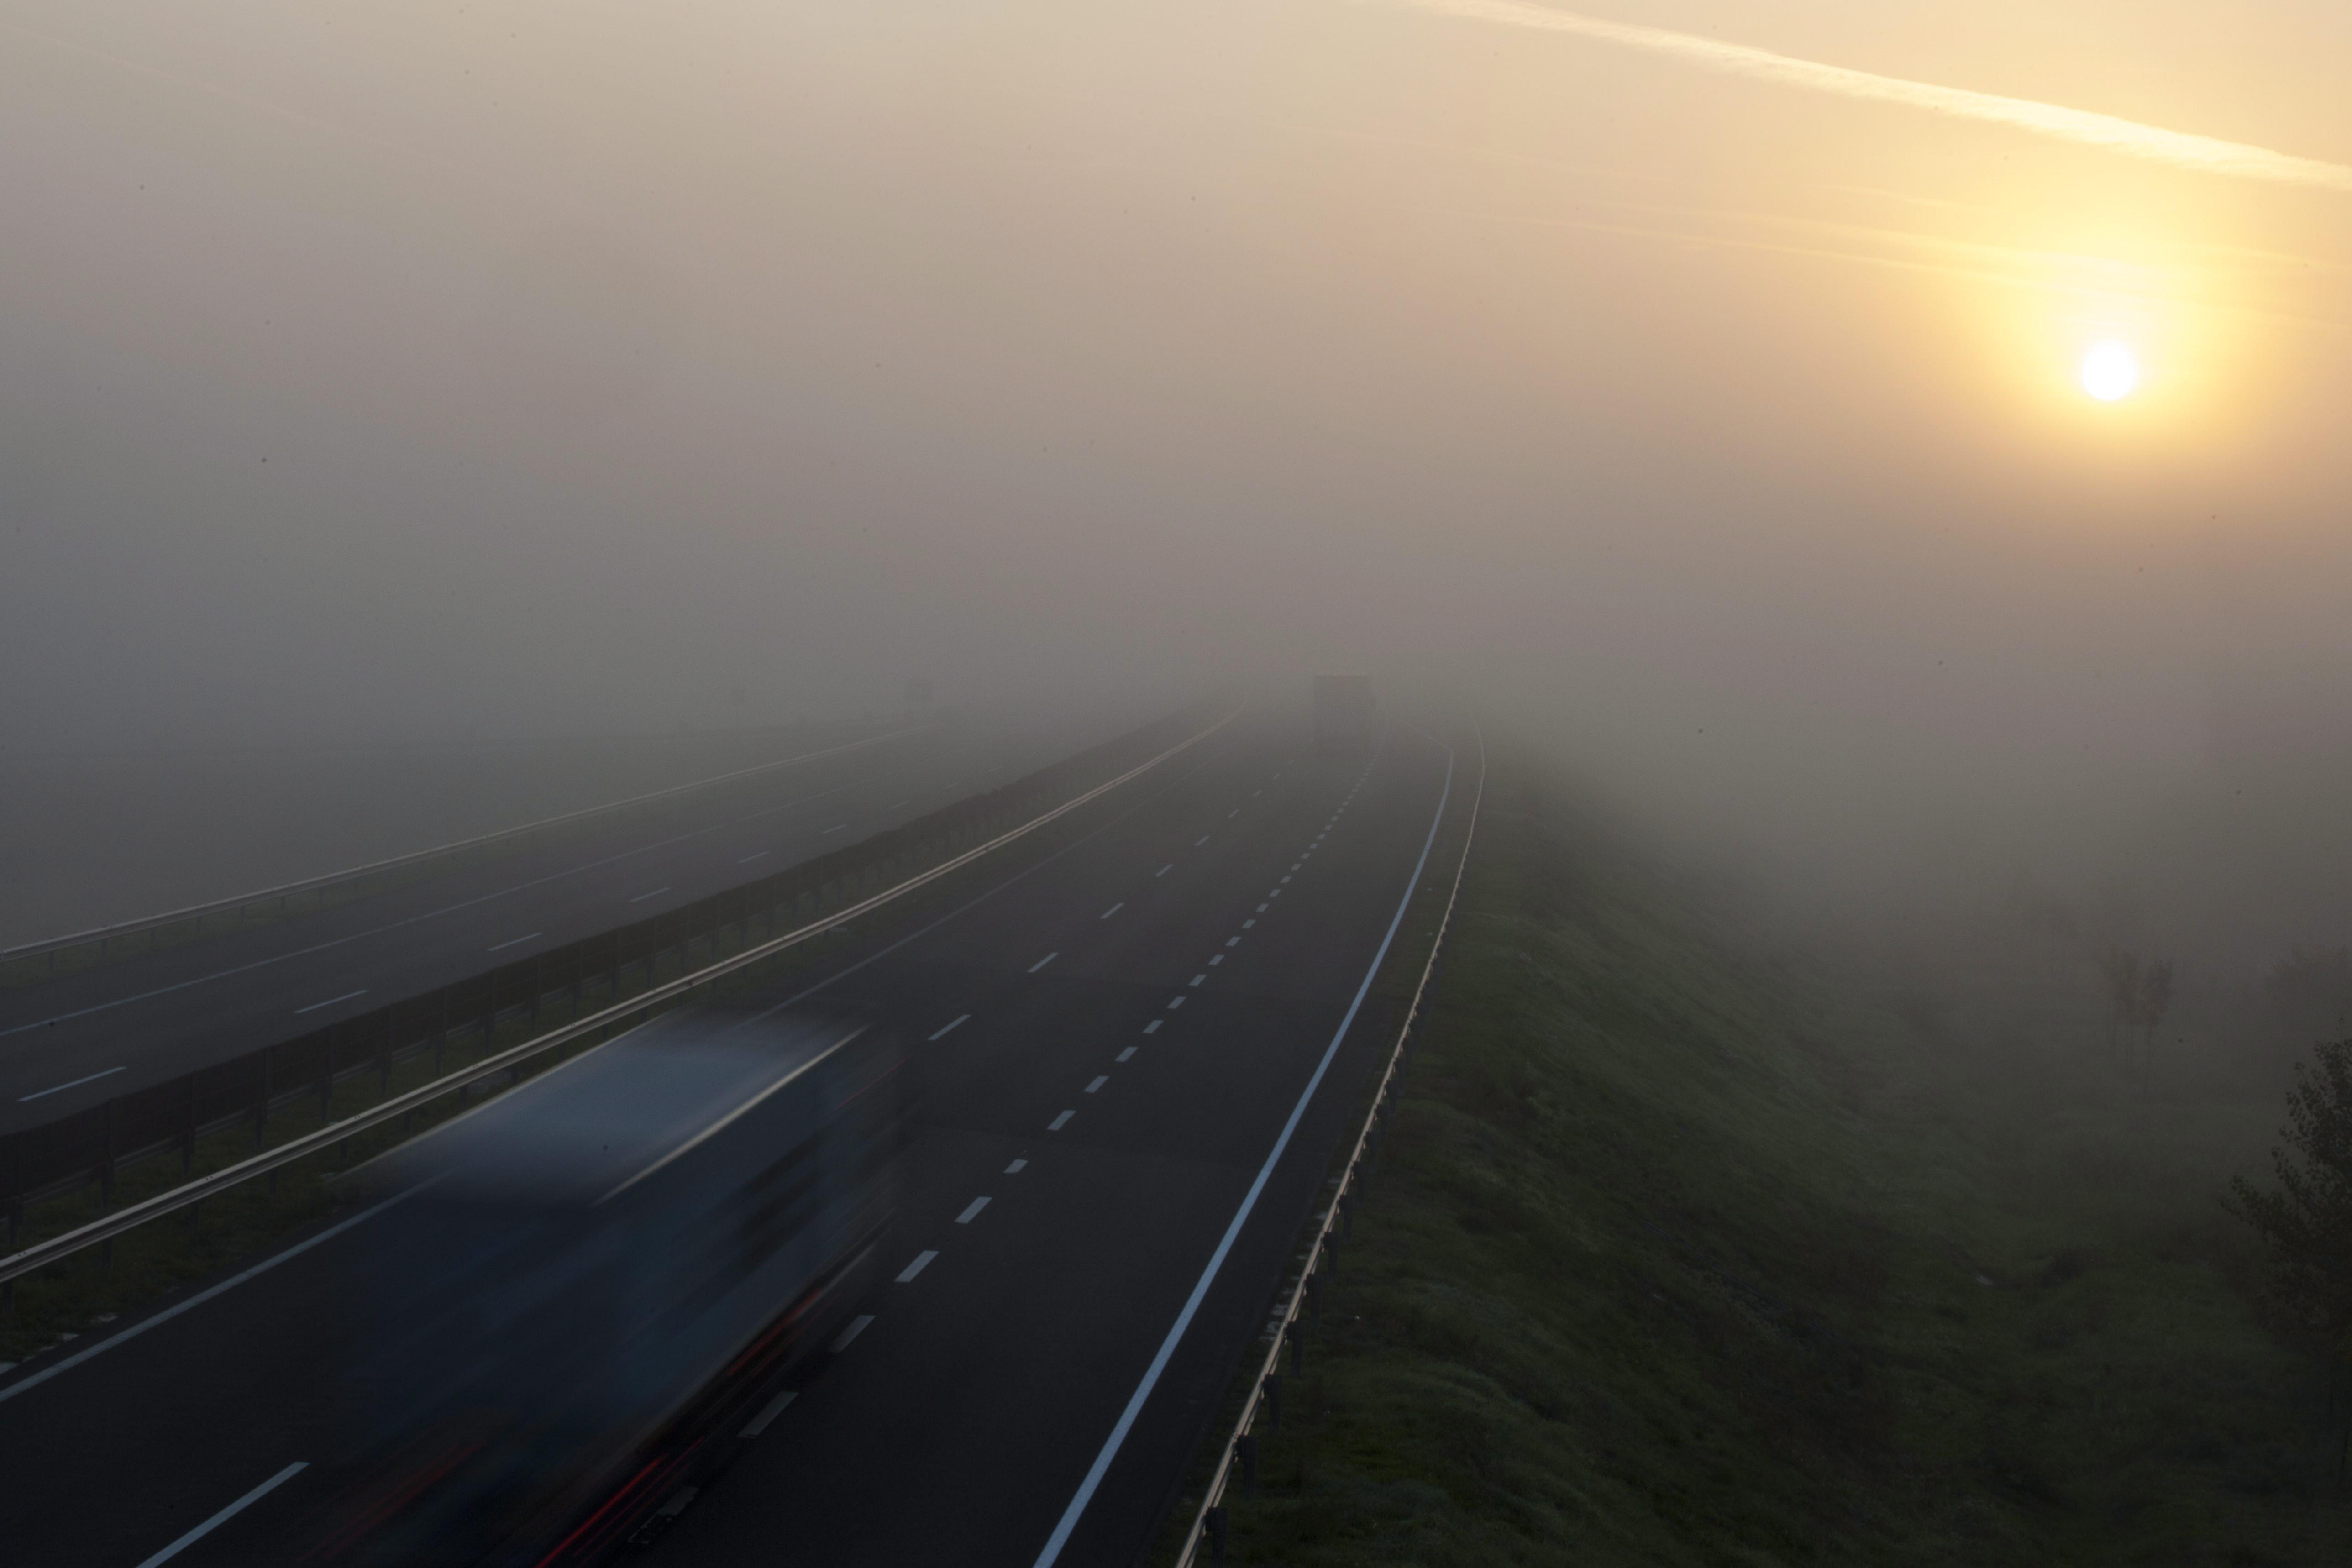 A látás reggel ködös - Orientáció maradvány látással